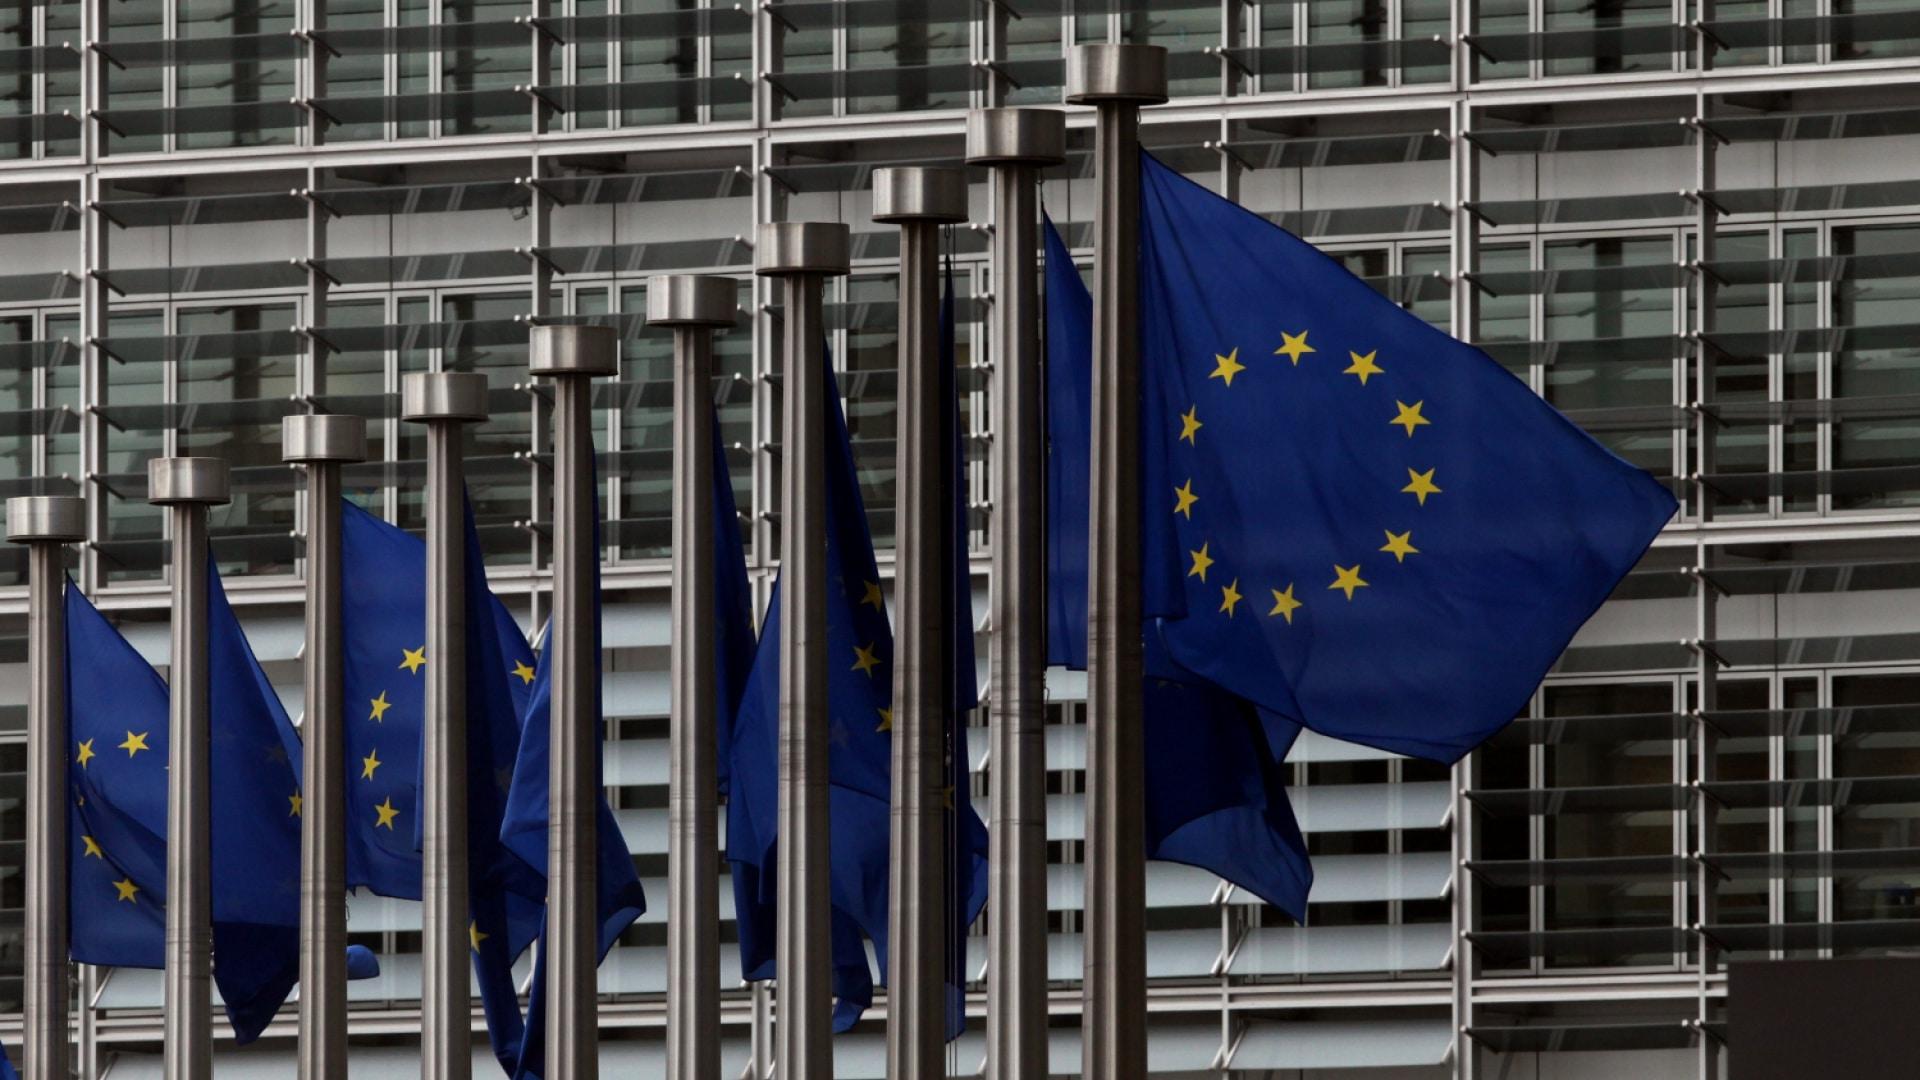 Deutschlands EU-Beitrag steigt 2021 um 19 Prozent